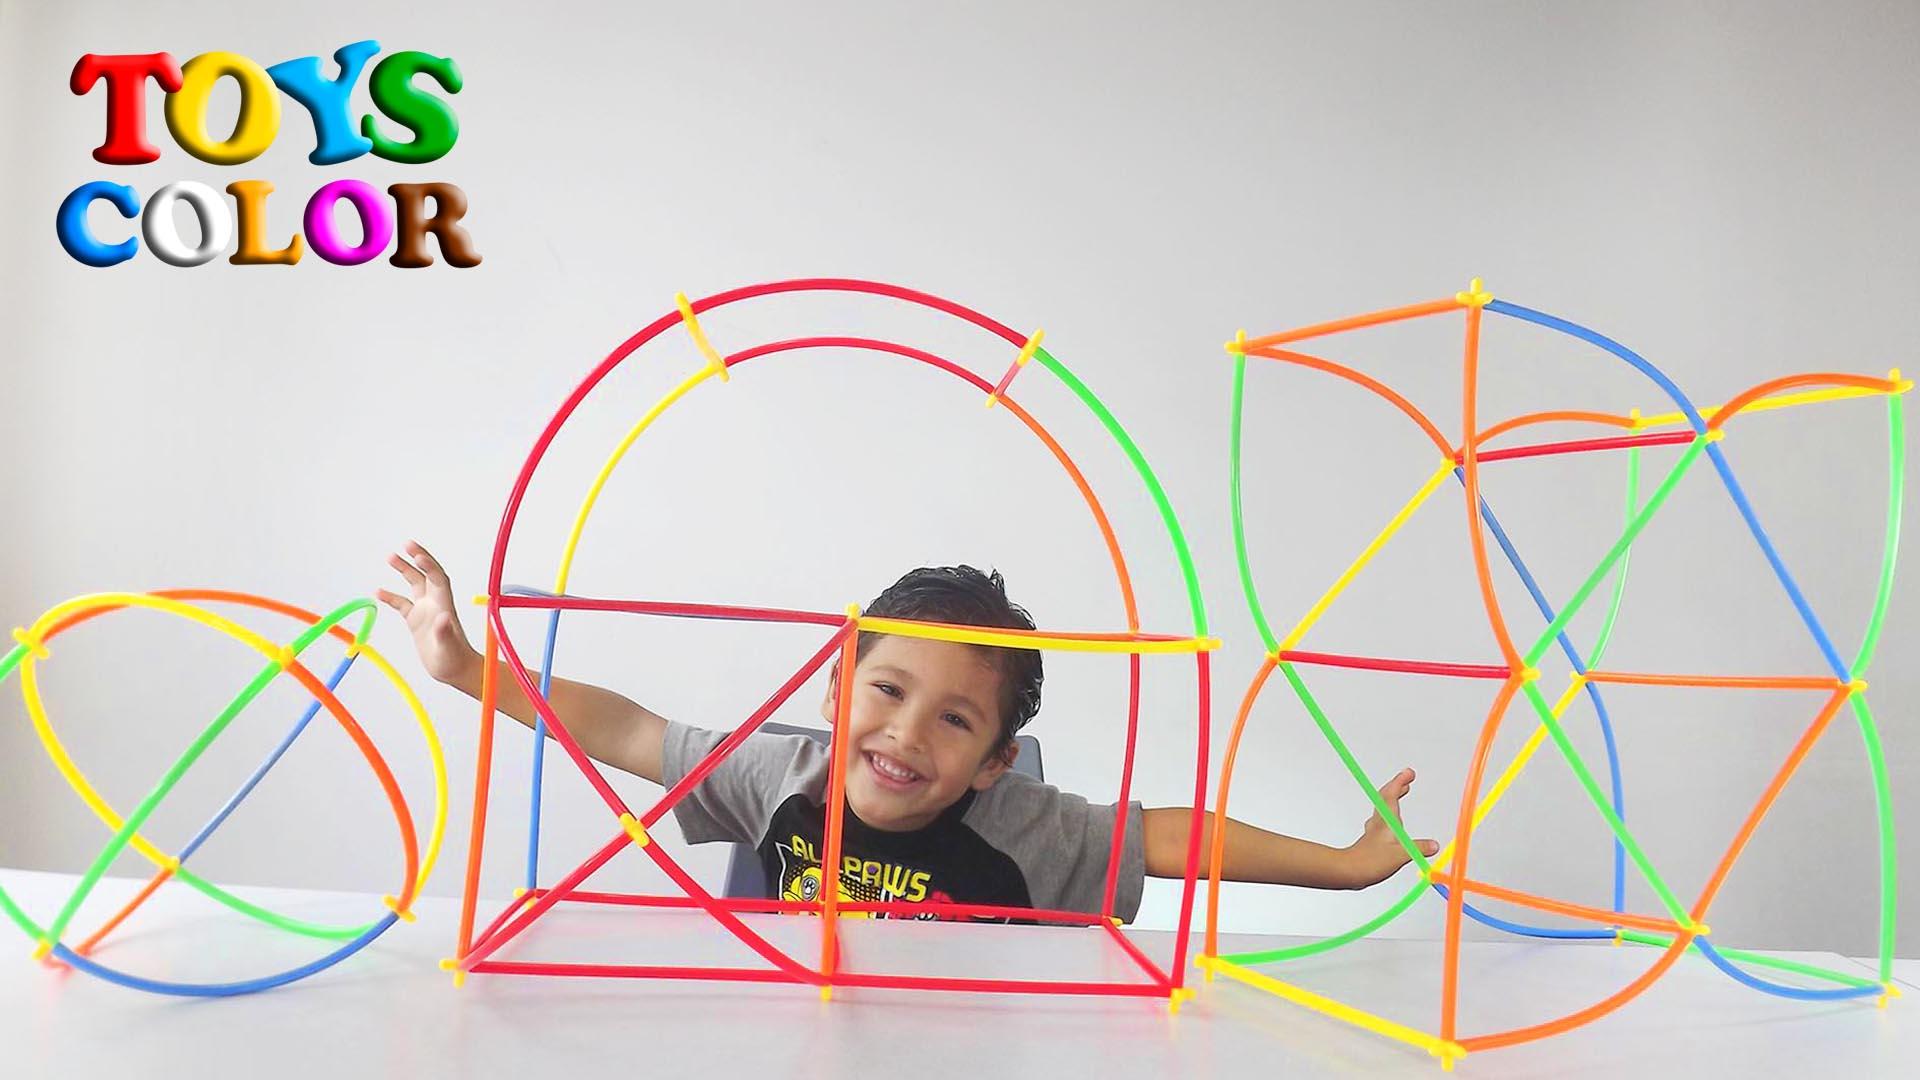 Aprende COLORES Jugando, Mejores Videos Para Niños Aprendiendo Colores, Aprender COLORES y NUMEROS